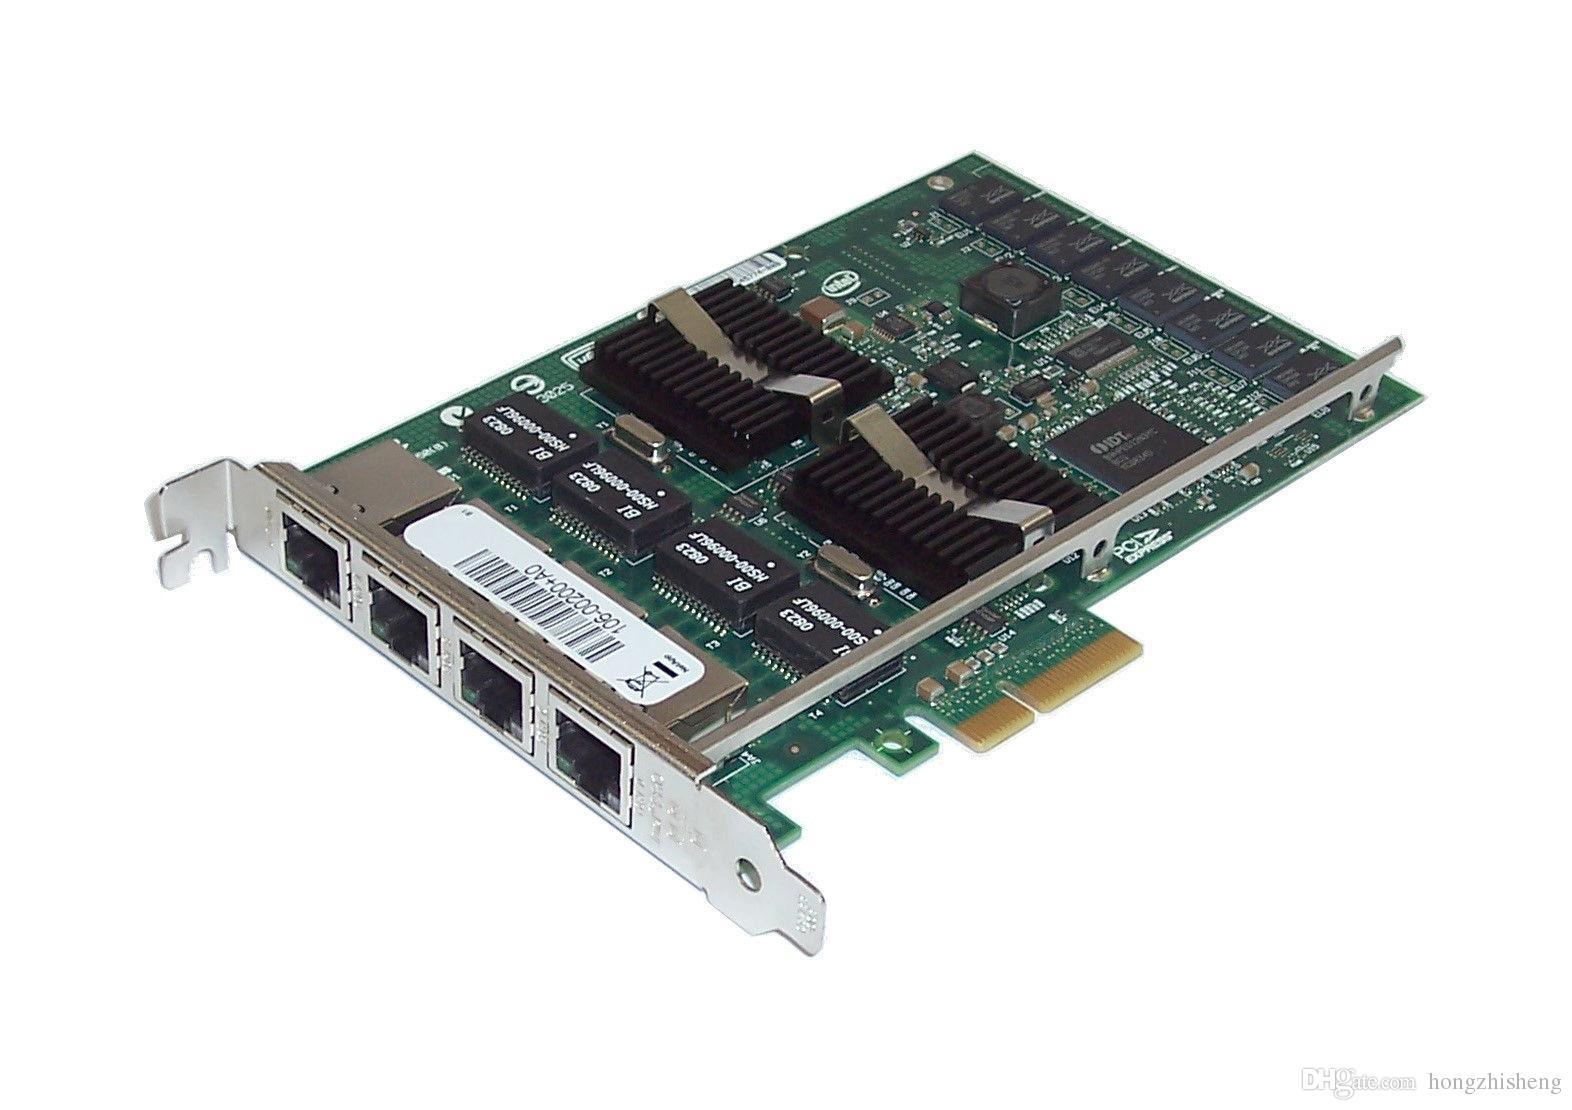 Базовый накопитель PCI-e PRO1000 PT Сетевая карта QUAD PORT 106-00200 + A0 B1